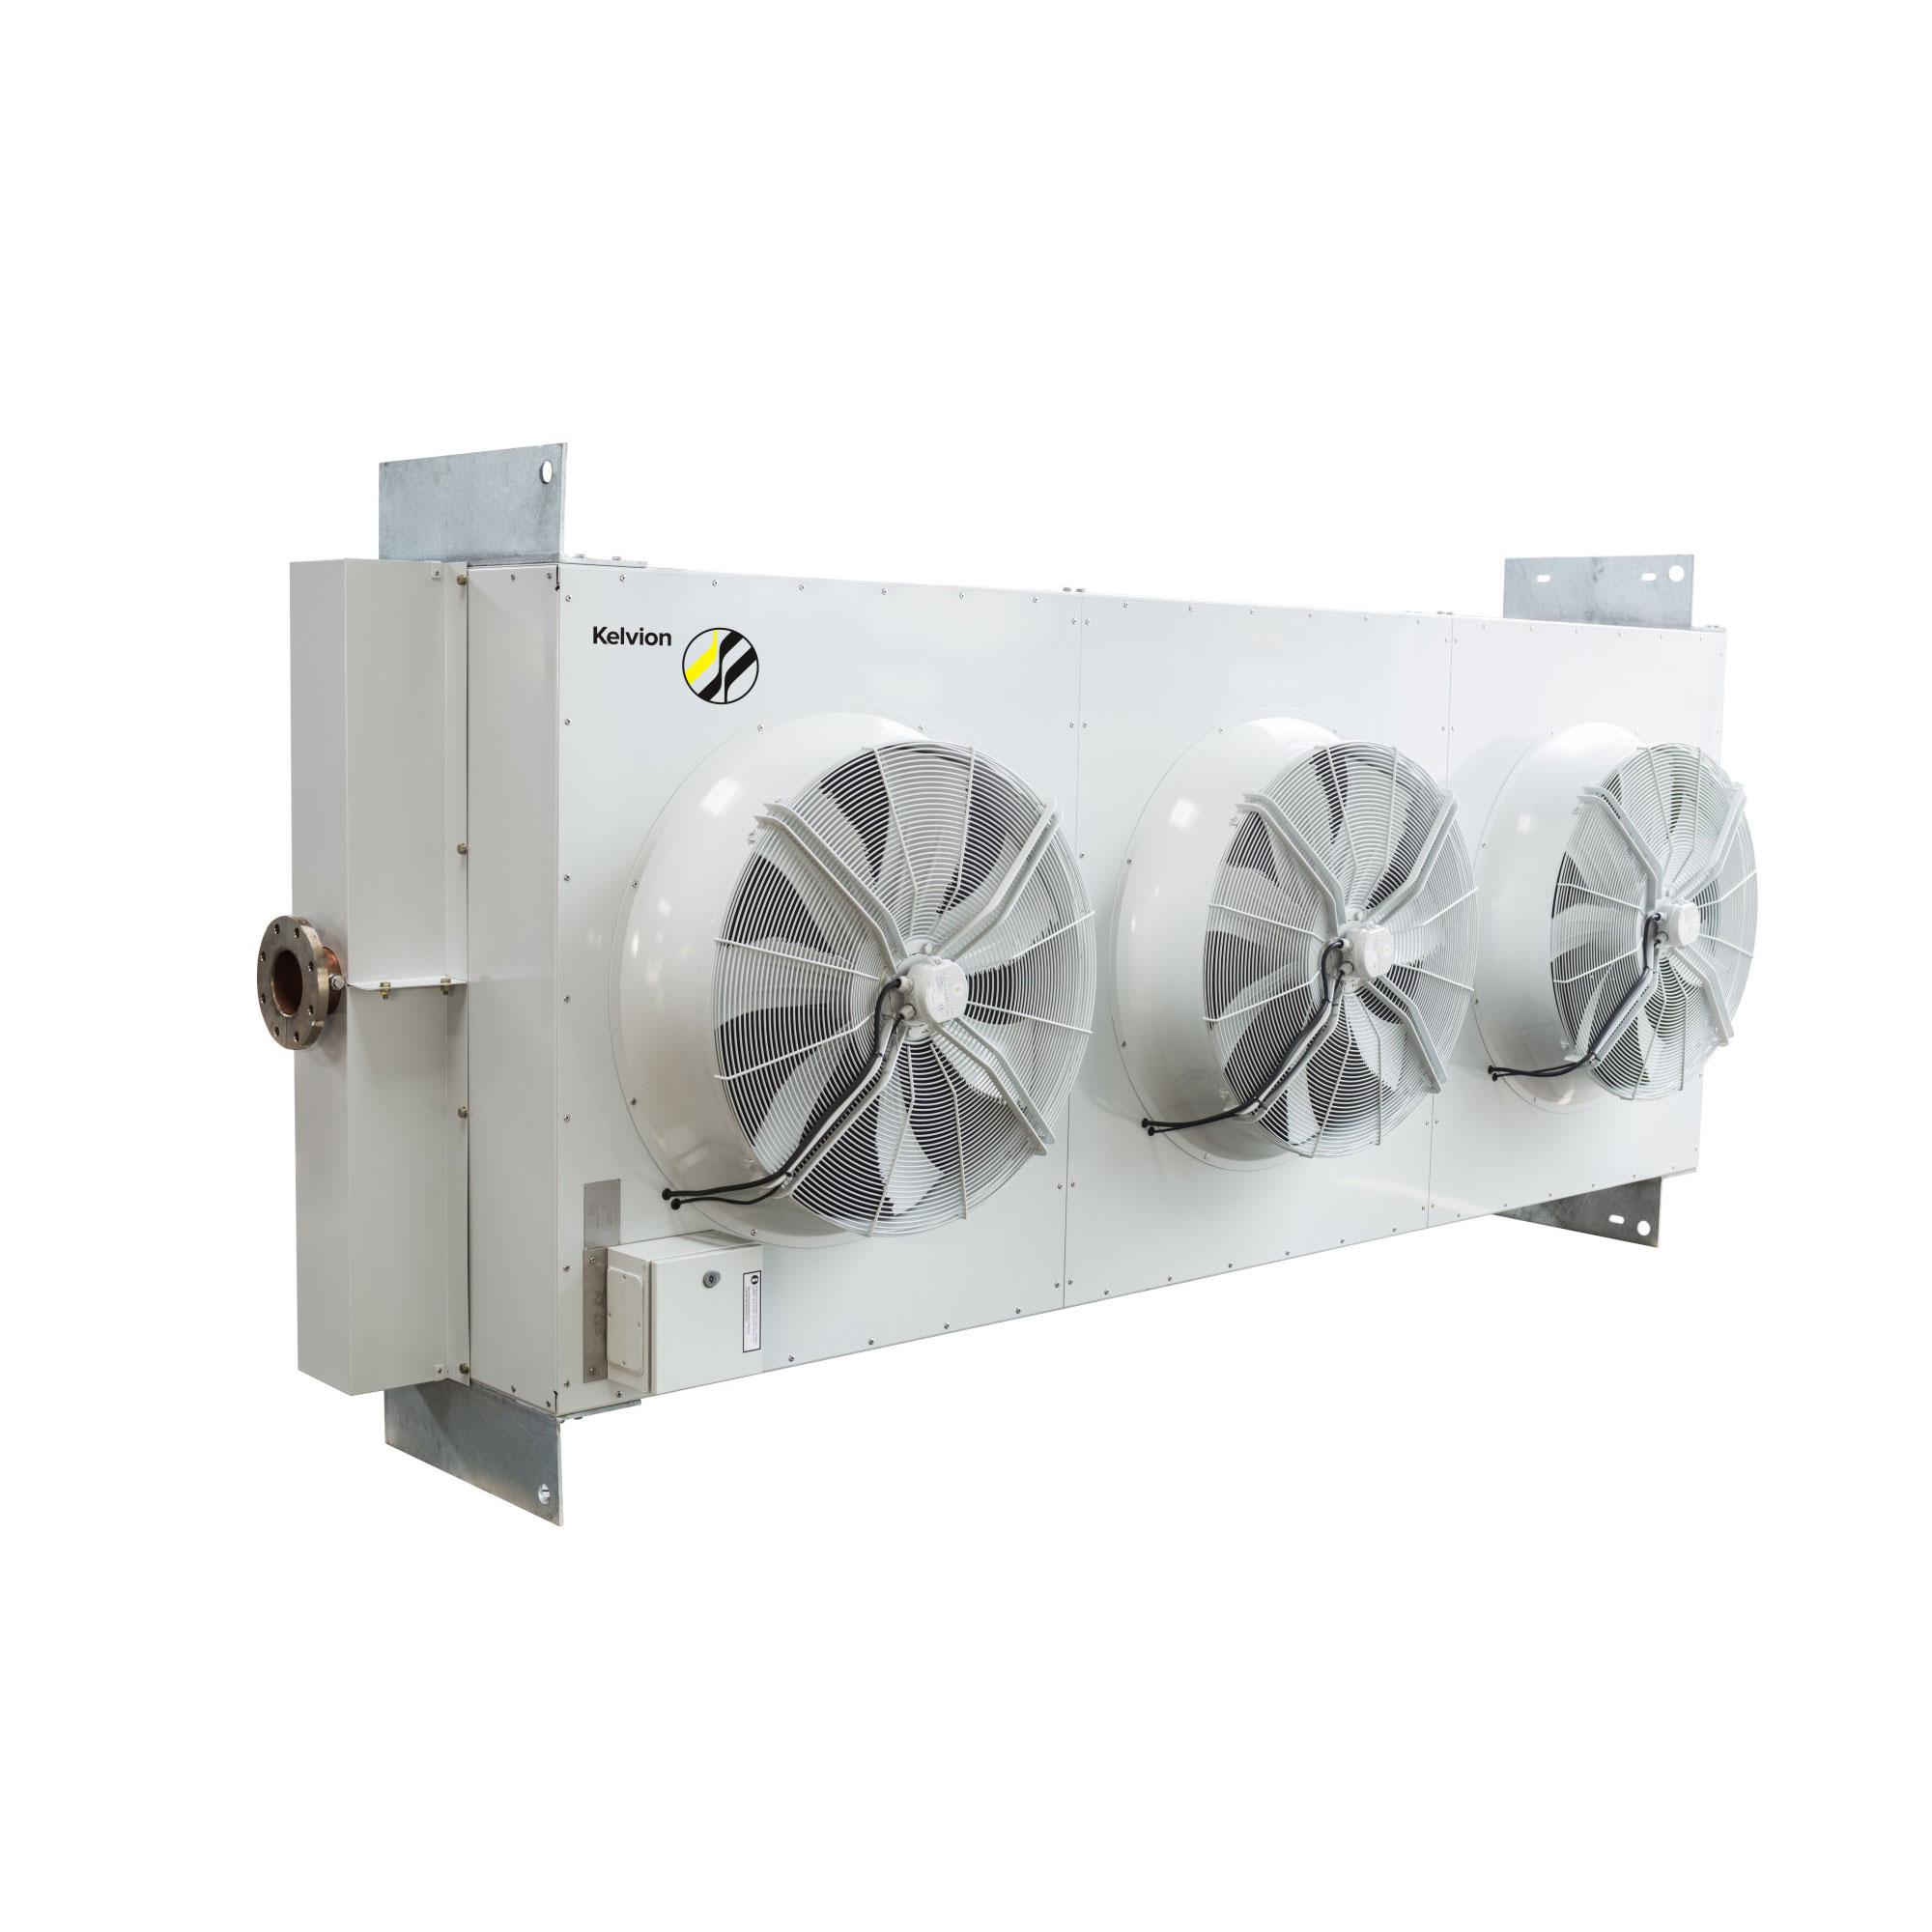 Воздухоохладители для холодоснабжения KELVION